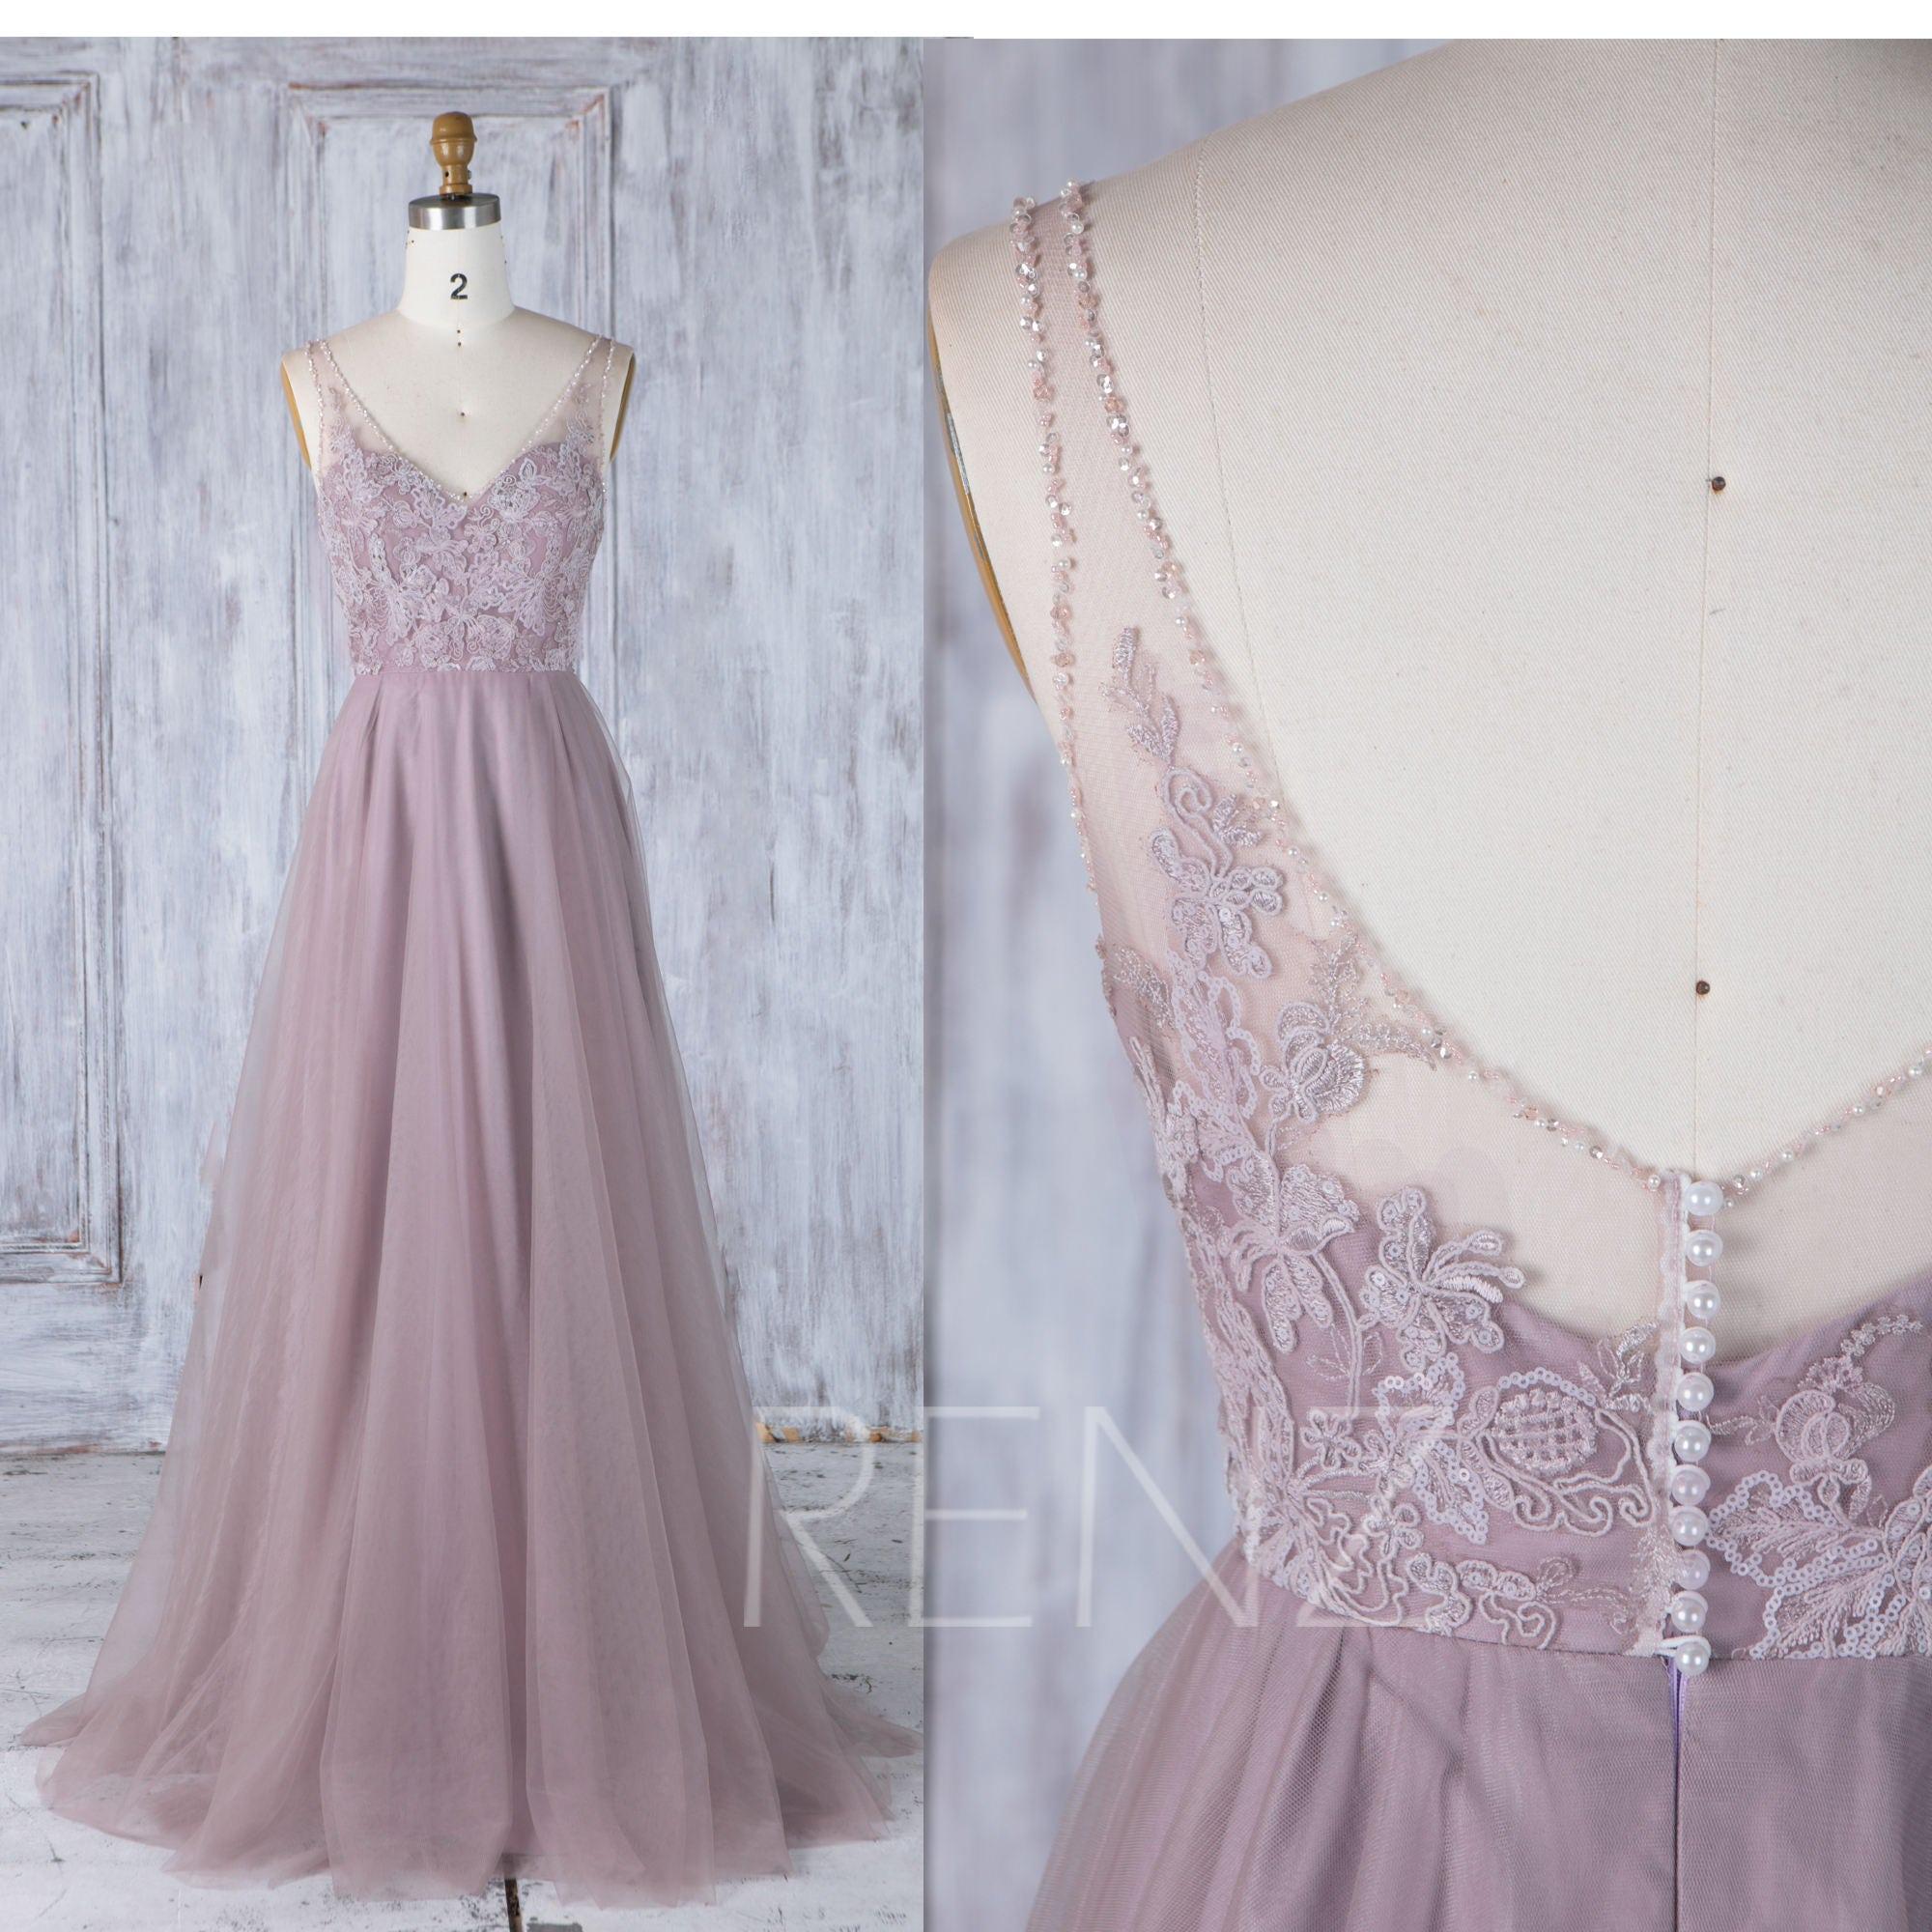 Brautjungfer Kleid dunkel lila Tüll Kleid Brautkleid